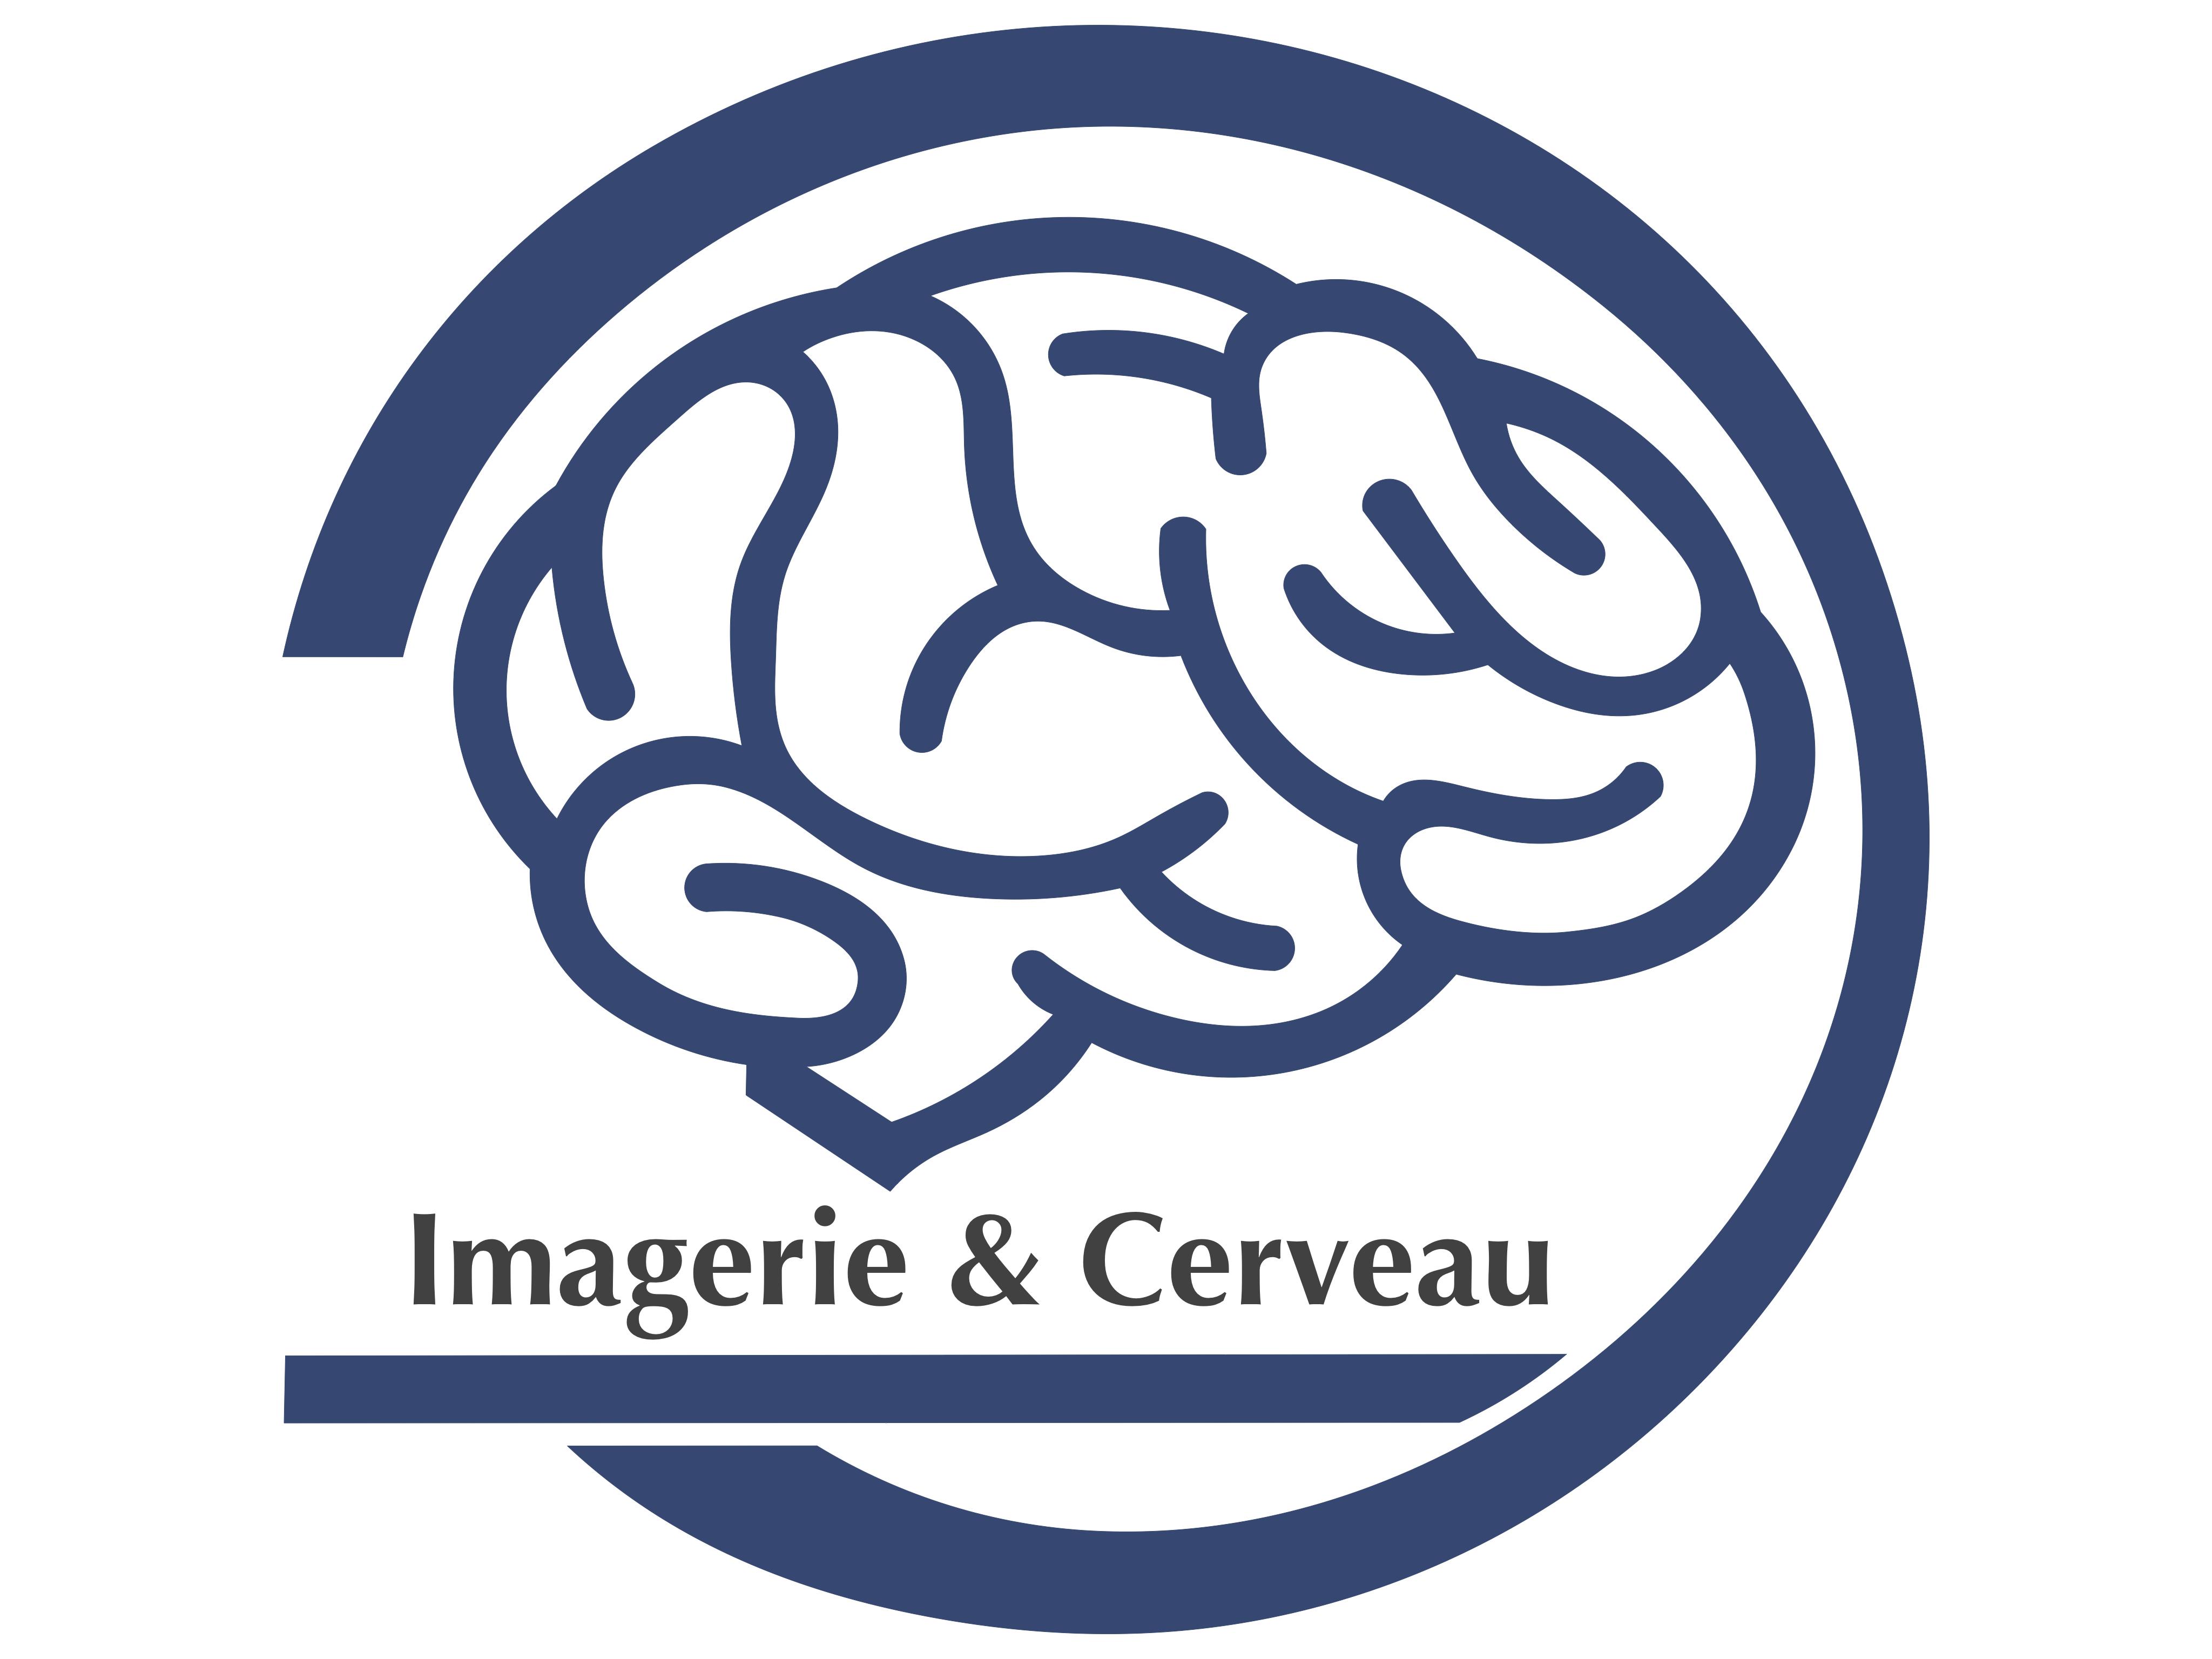 Inserm Imagerie et Cerveau